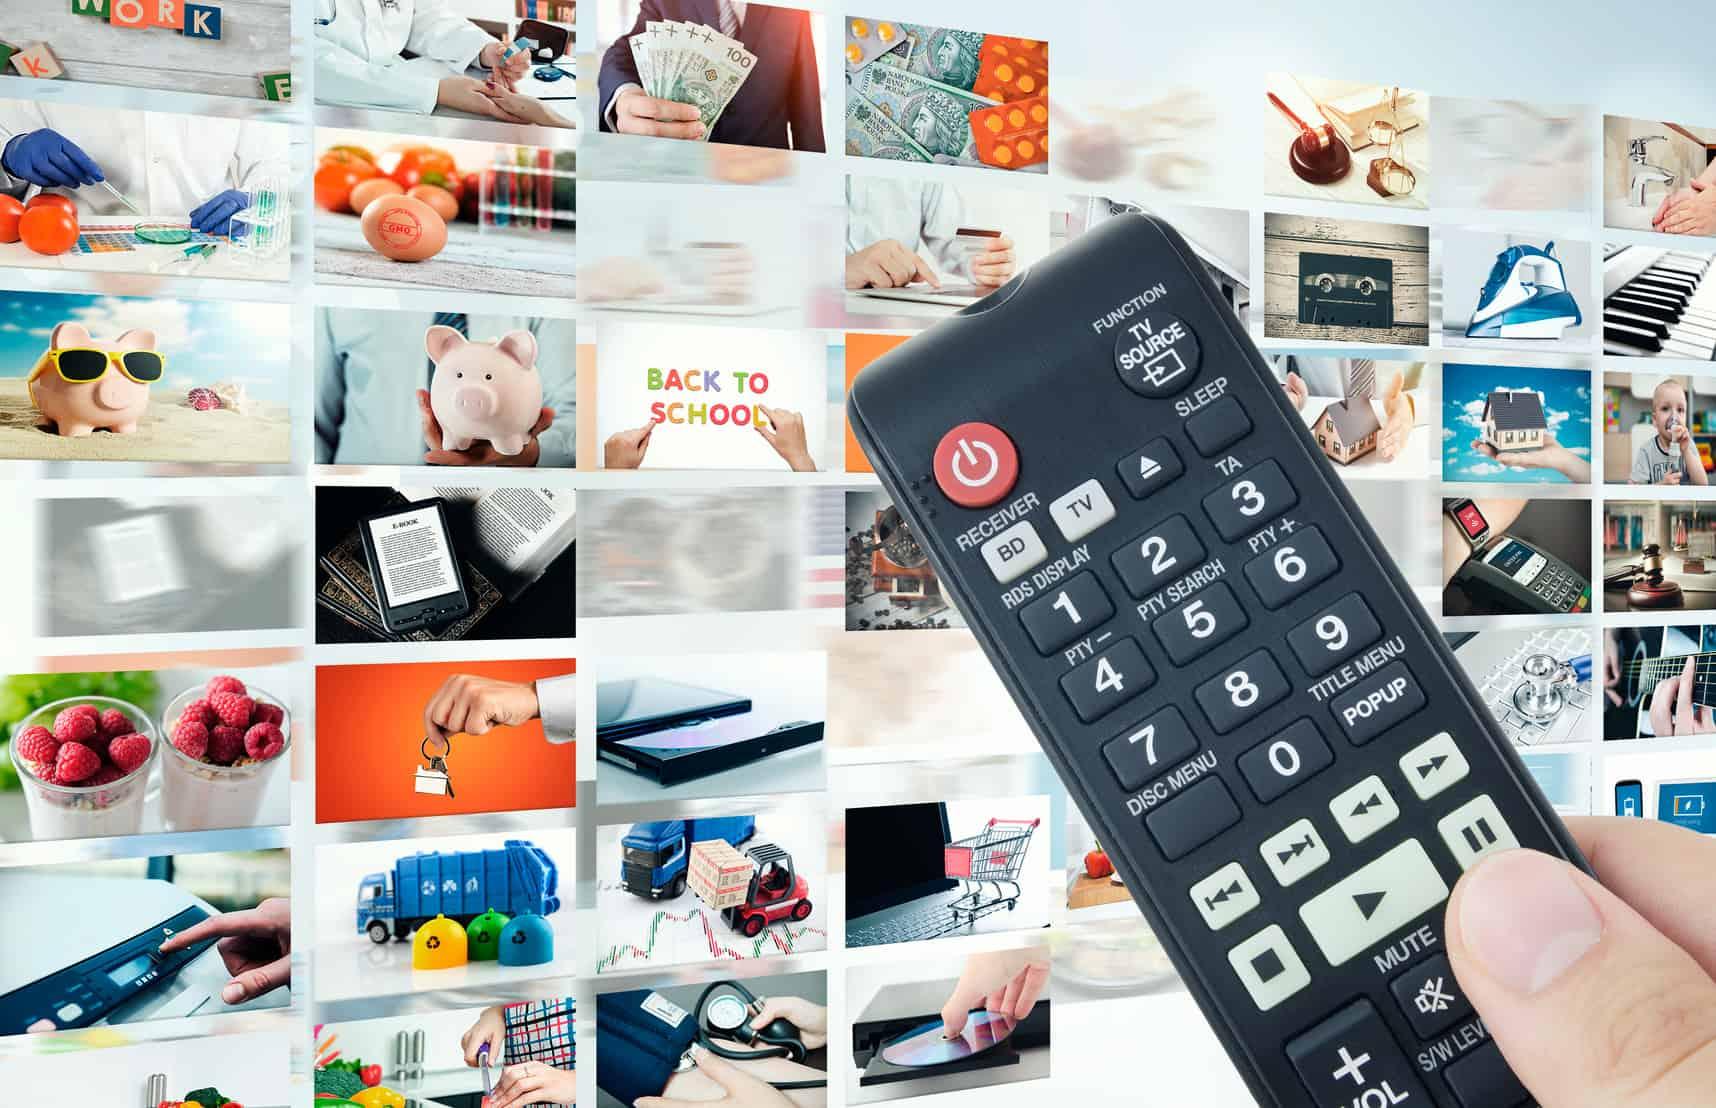 El IFT emitió fallo a favor de 13 participantes ganadores de la licitación de canales de TV, 4 son nuevos participantes en el sector de radiodifusión.